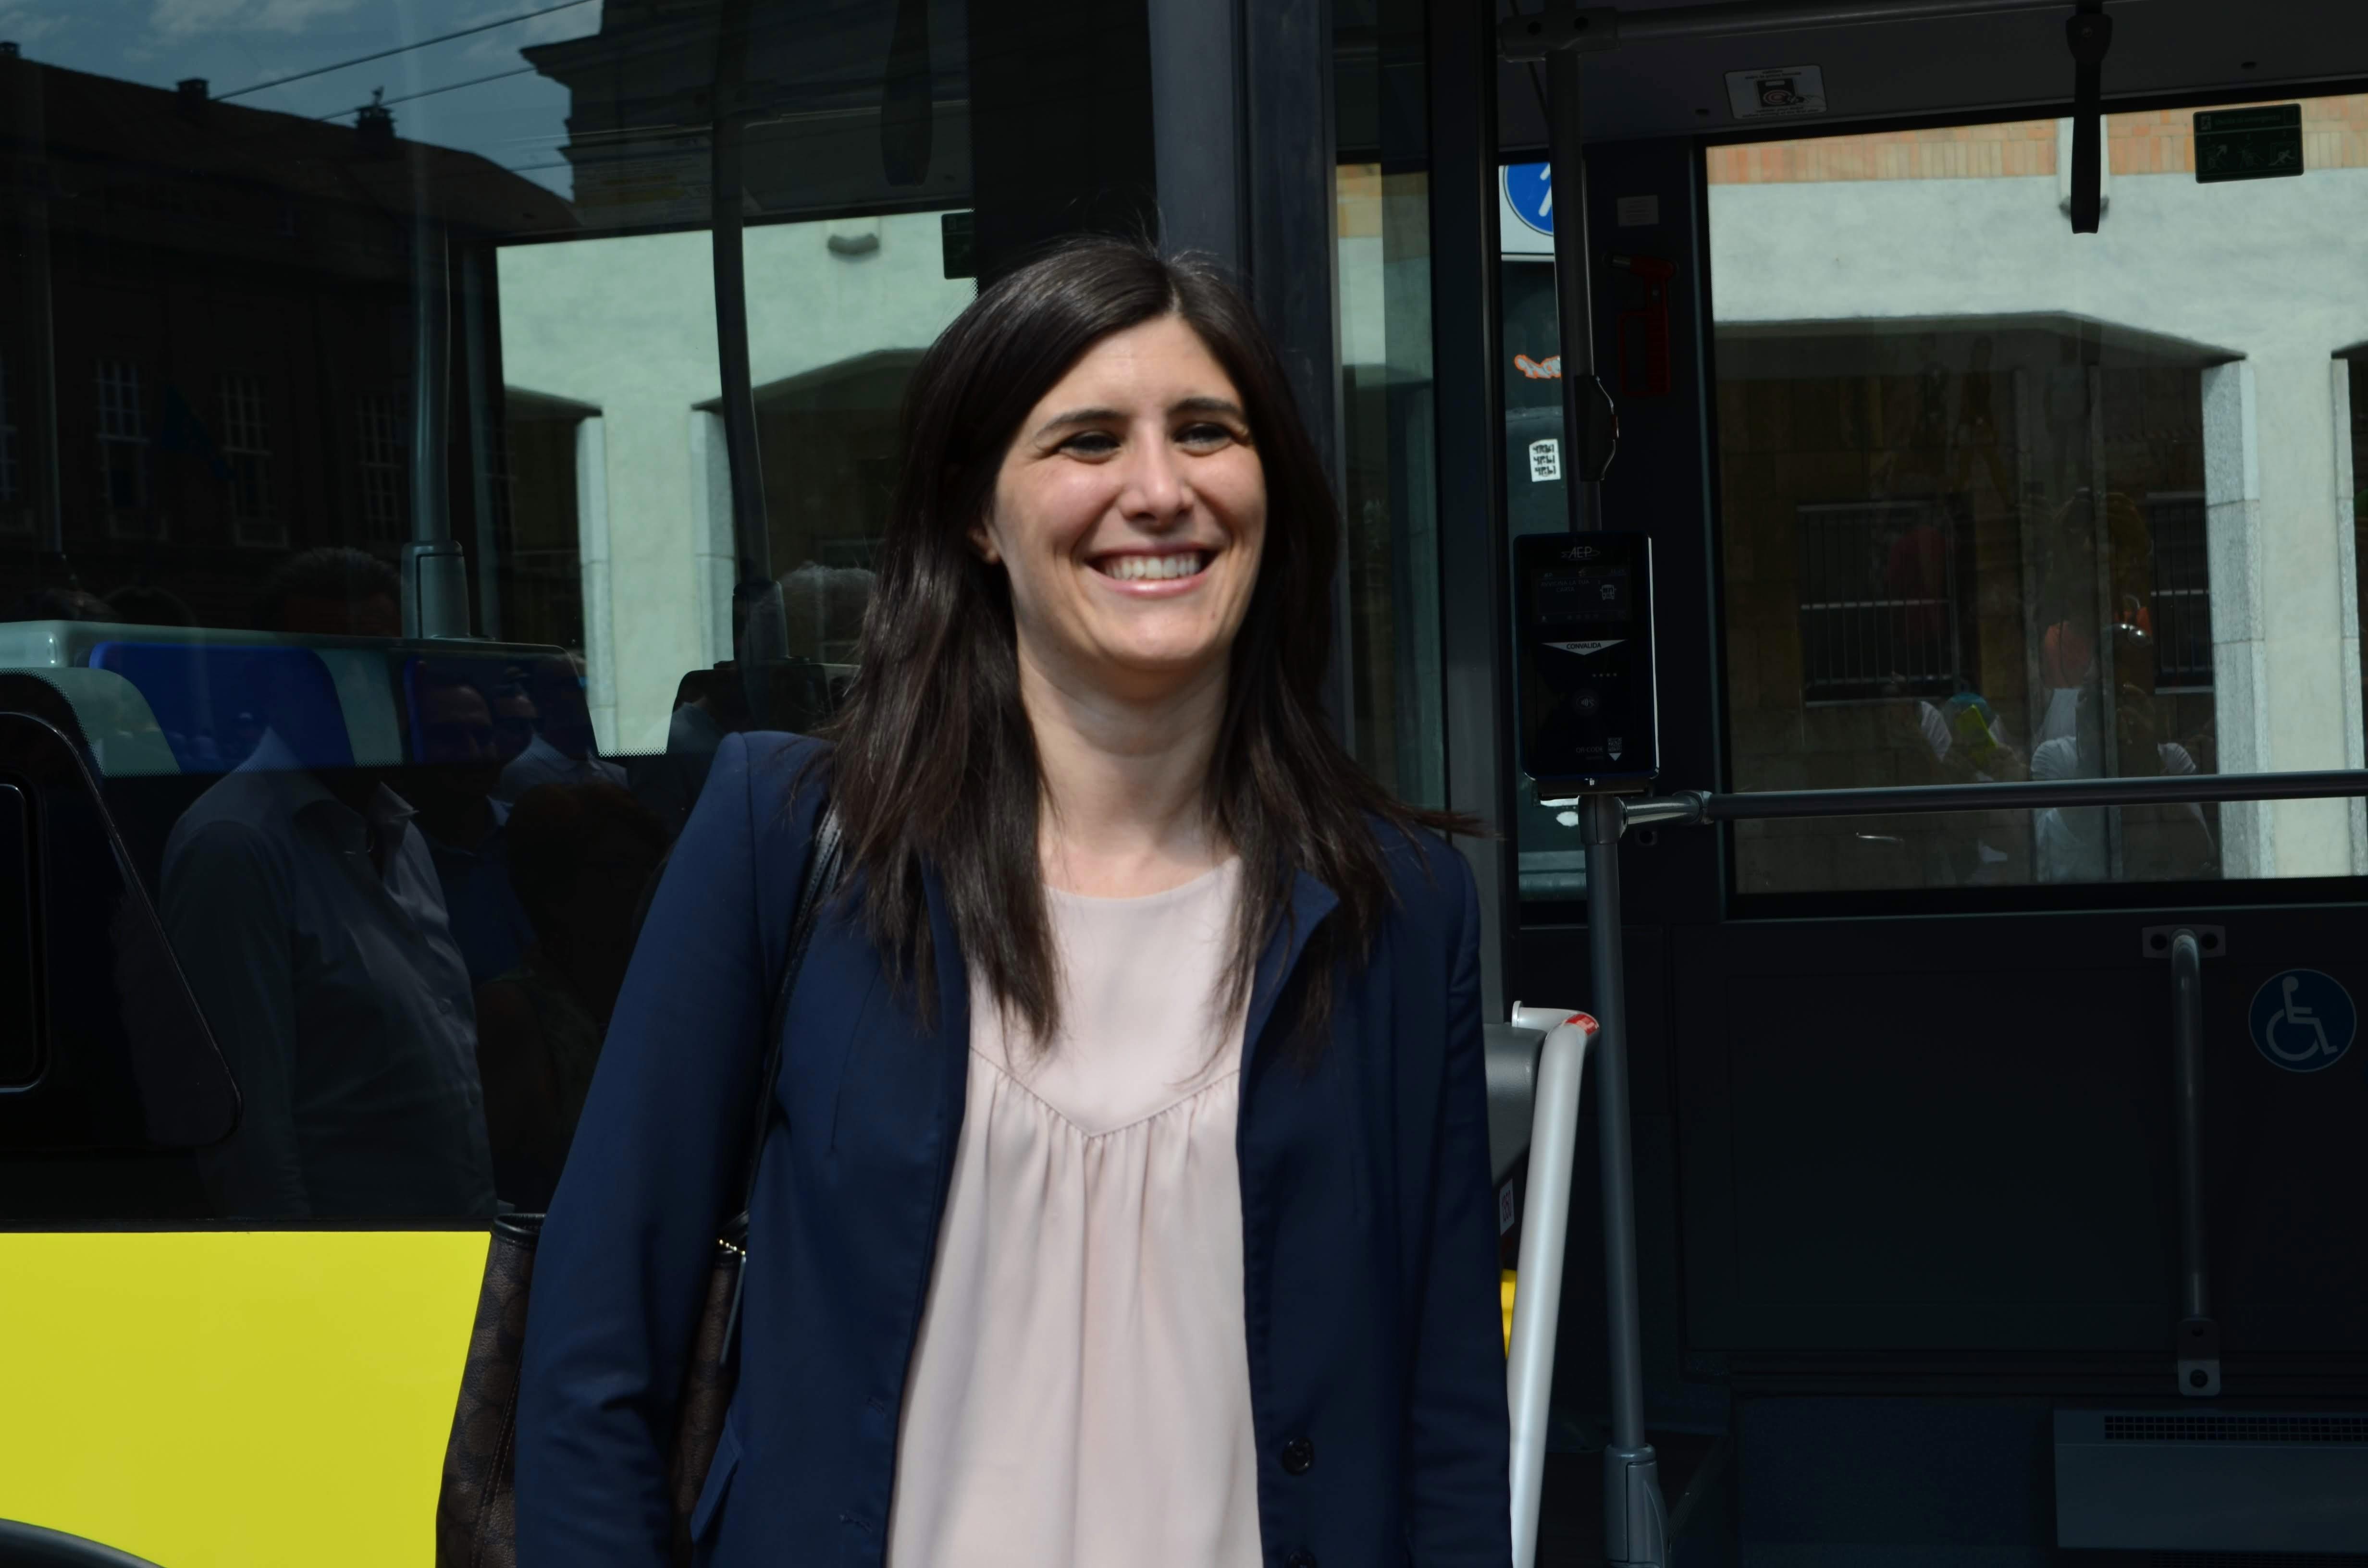 Chiara Appendino alla presentazione dei nuovi autobus di Torino